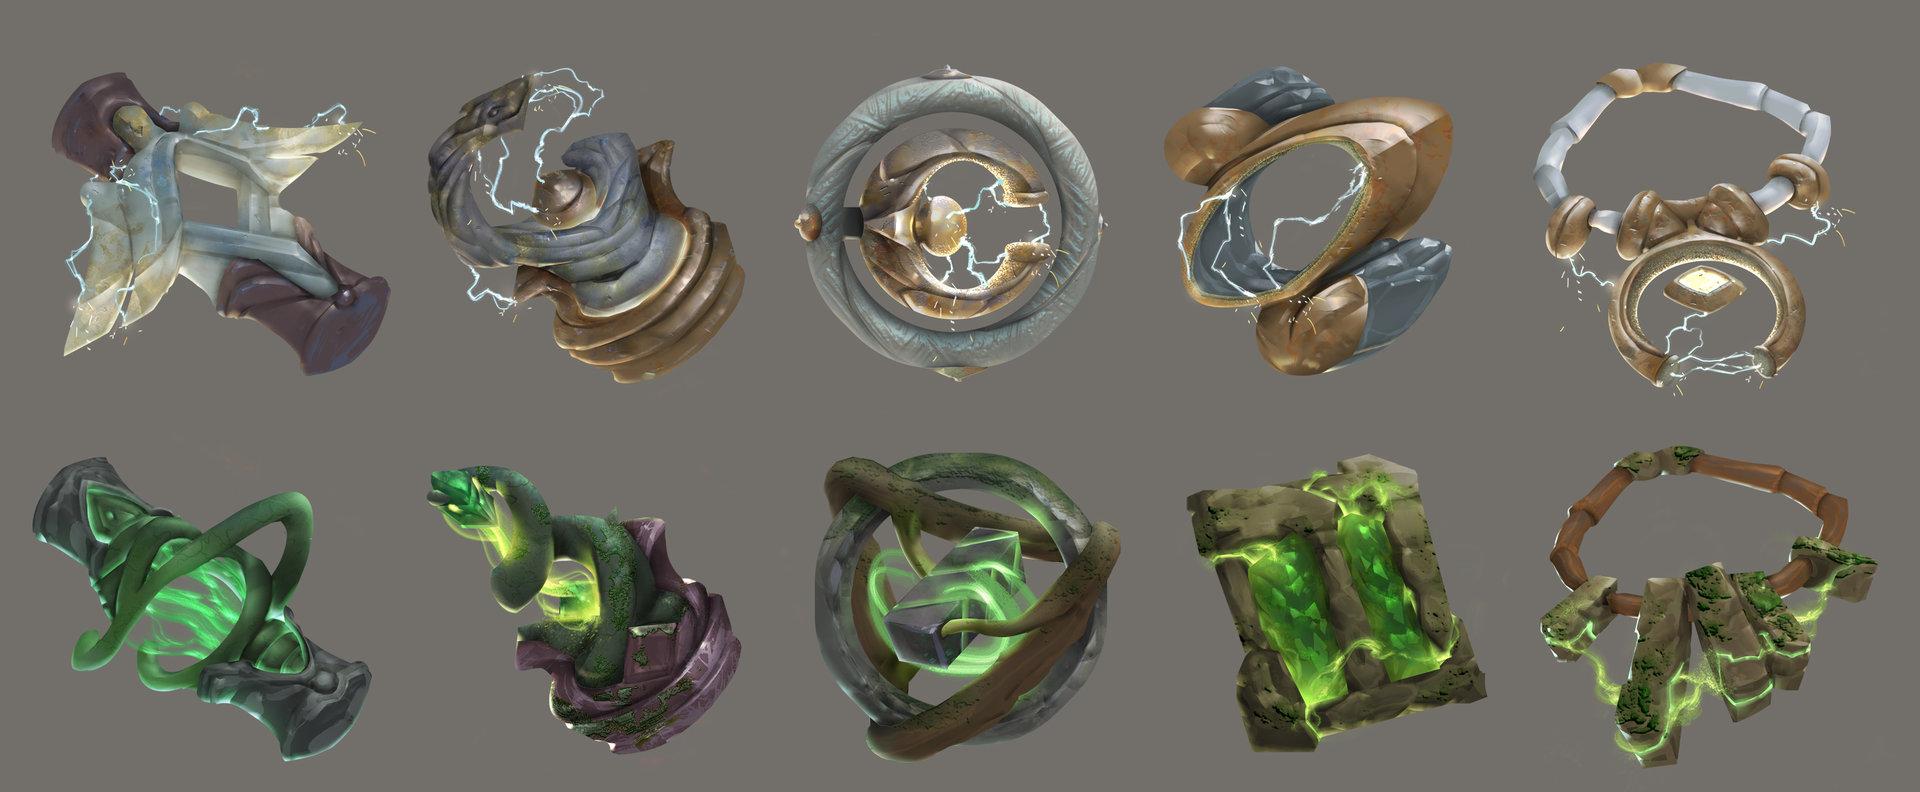 Markus lenz gameloft dh5 amulets 03 ml